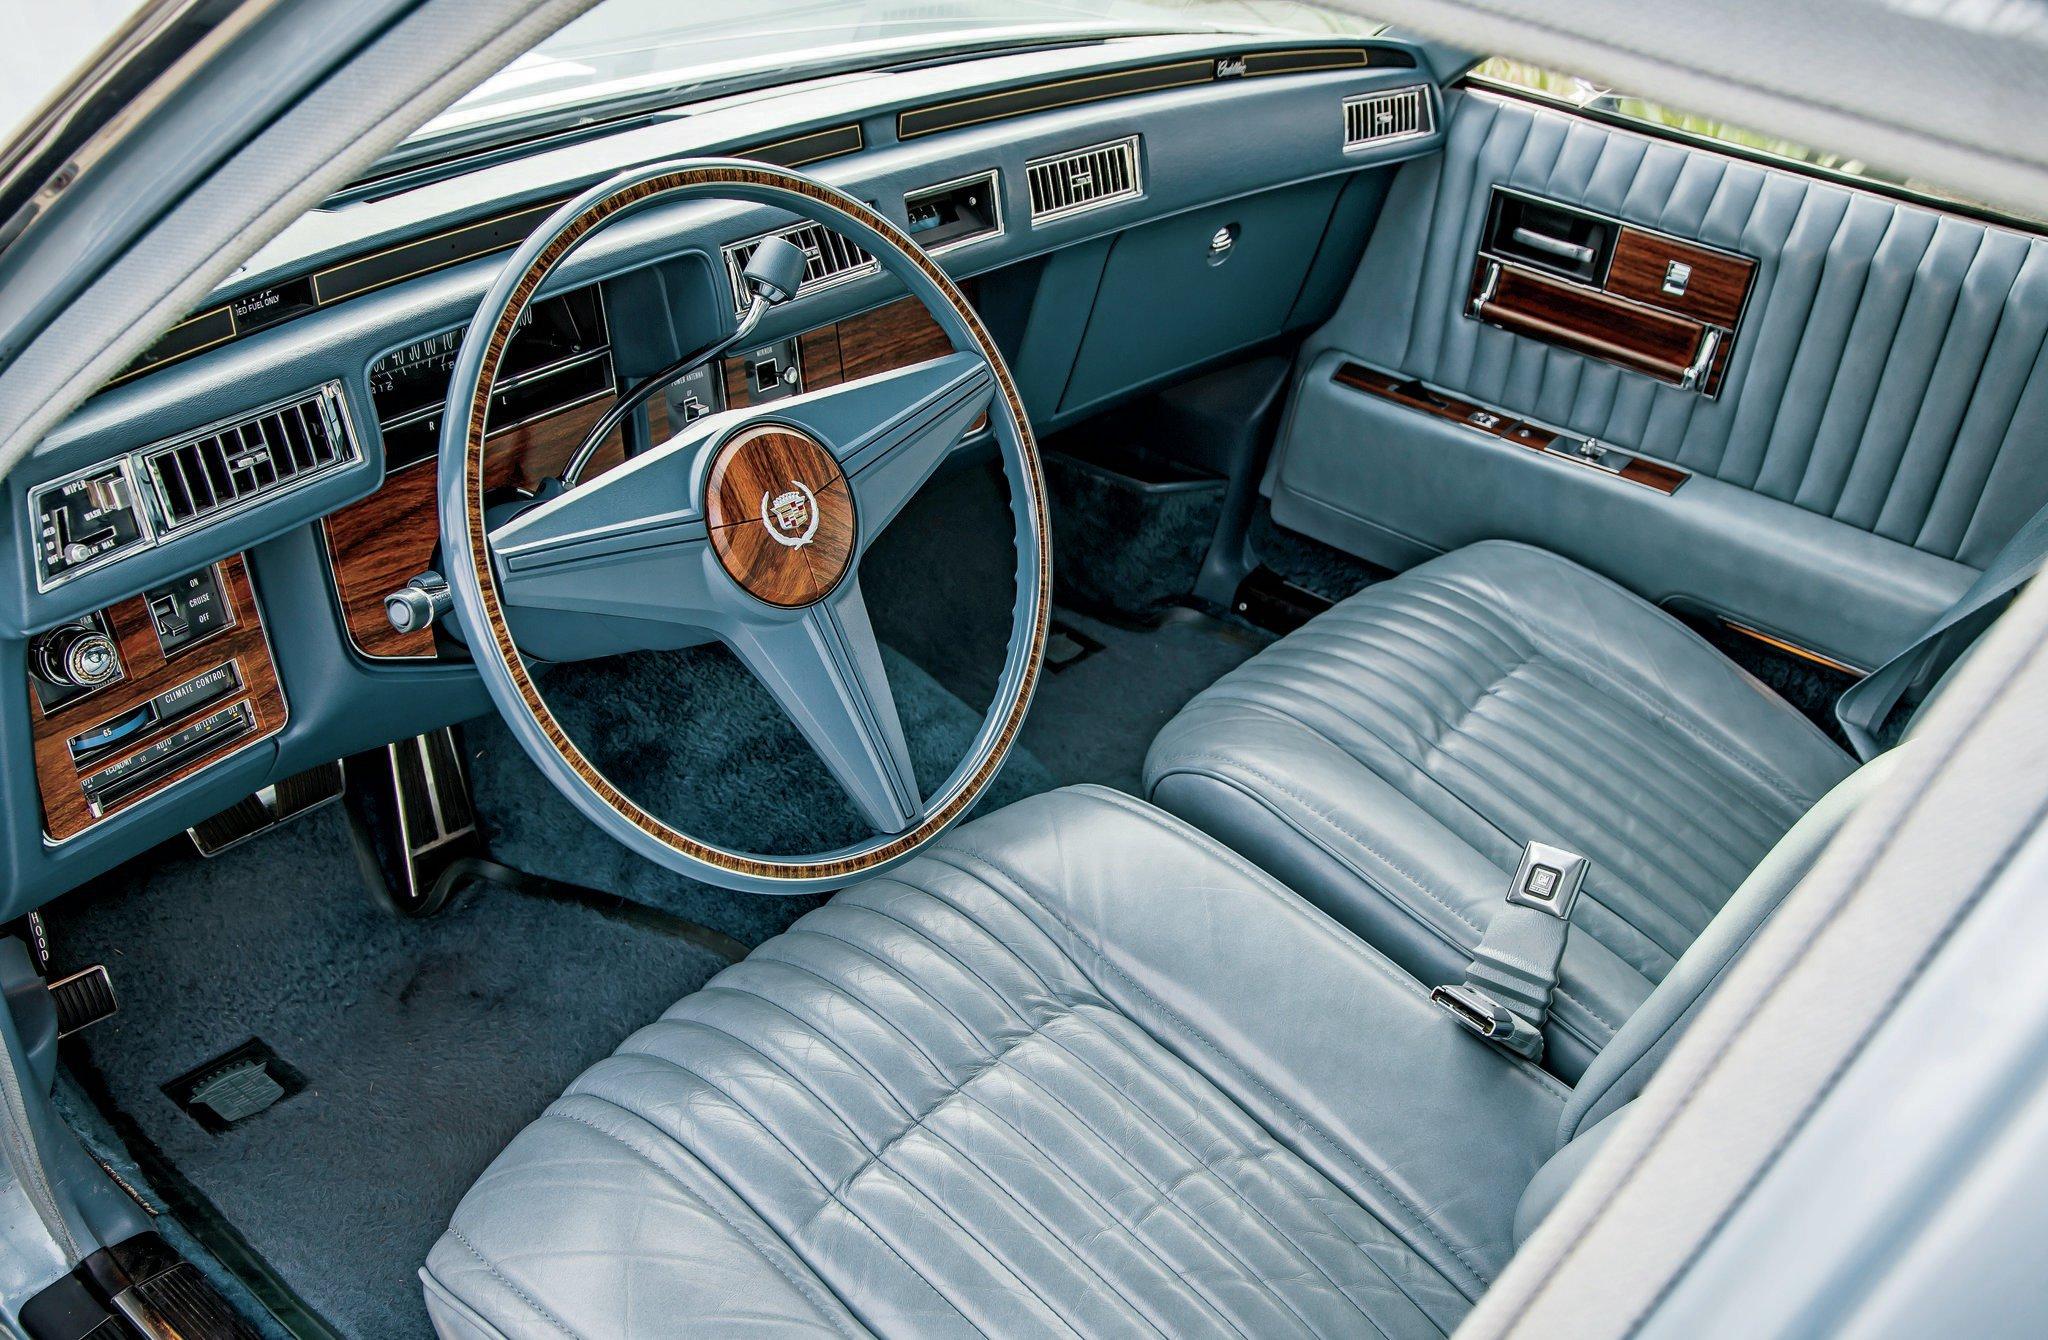 Collectible Clic: 1976-1979 Cadillac Seville